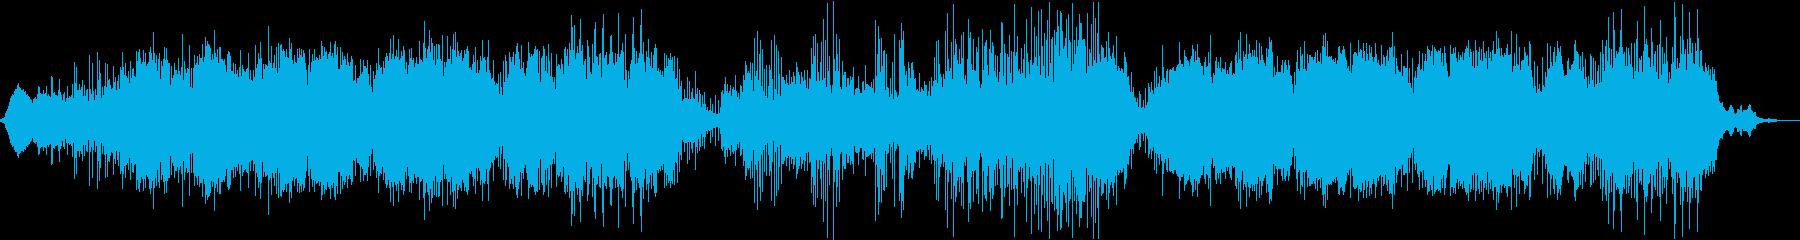 ほのぼのとして軽快な曲の再生済みの波形